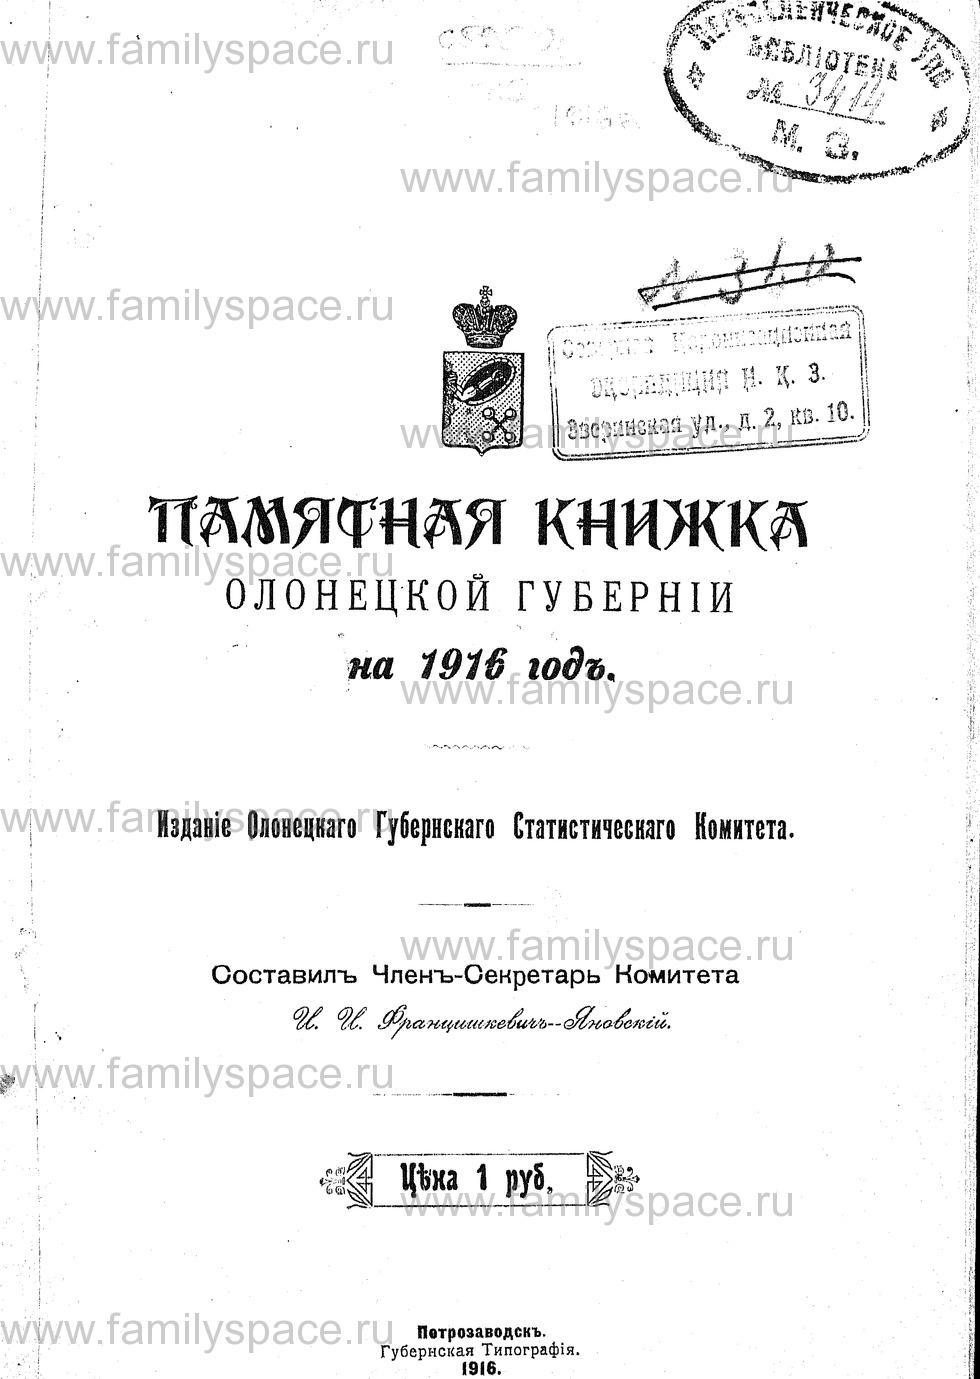 Поиск по фамилии - Памятная книжка Олонецкой губернии на 1916 г, страница 1